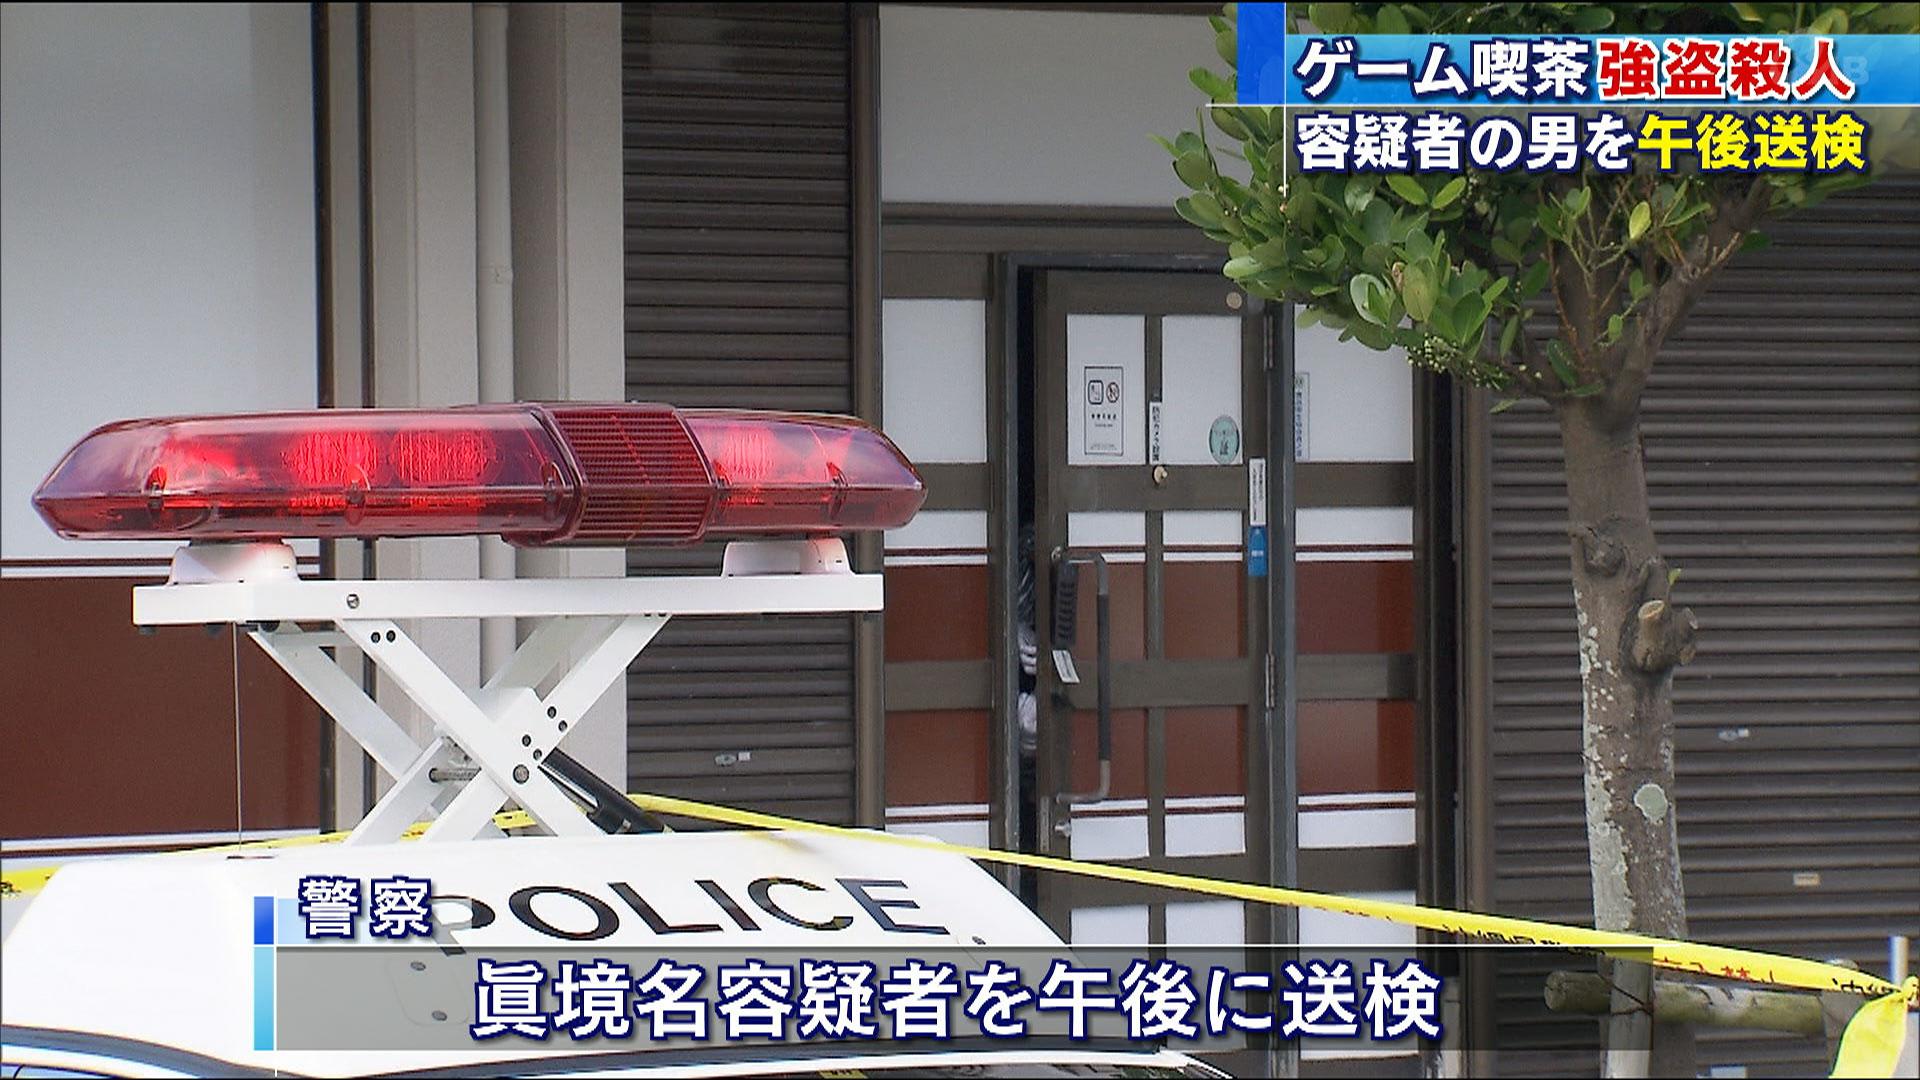 ゲーム喫茶強盗殺人 容疑者の男を午後送検